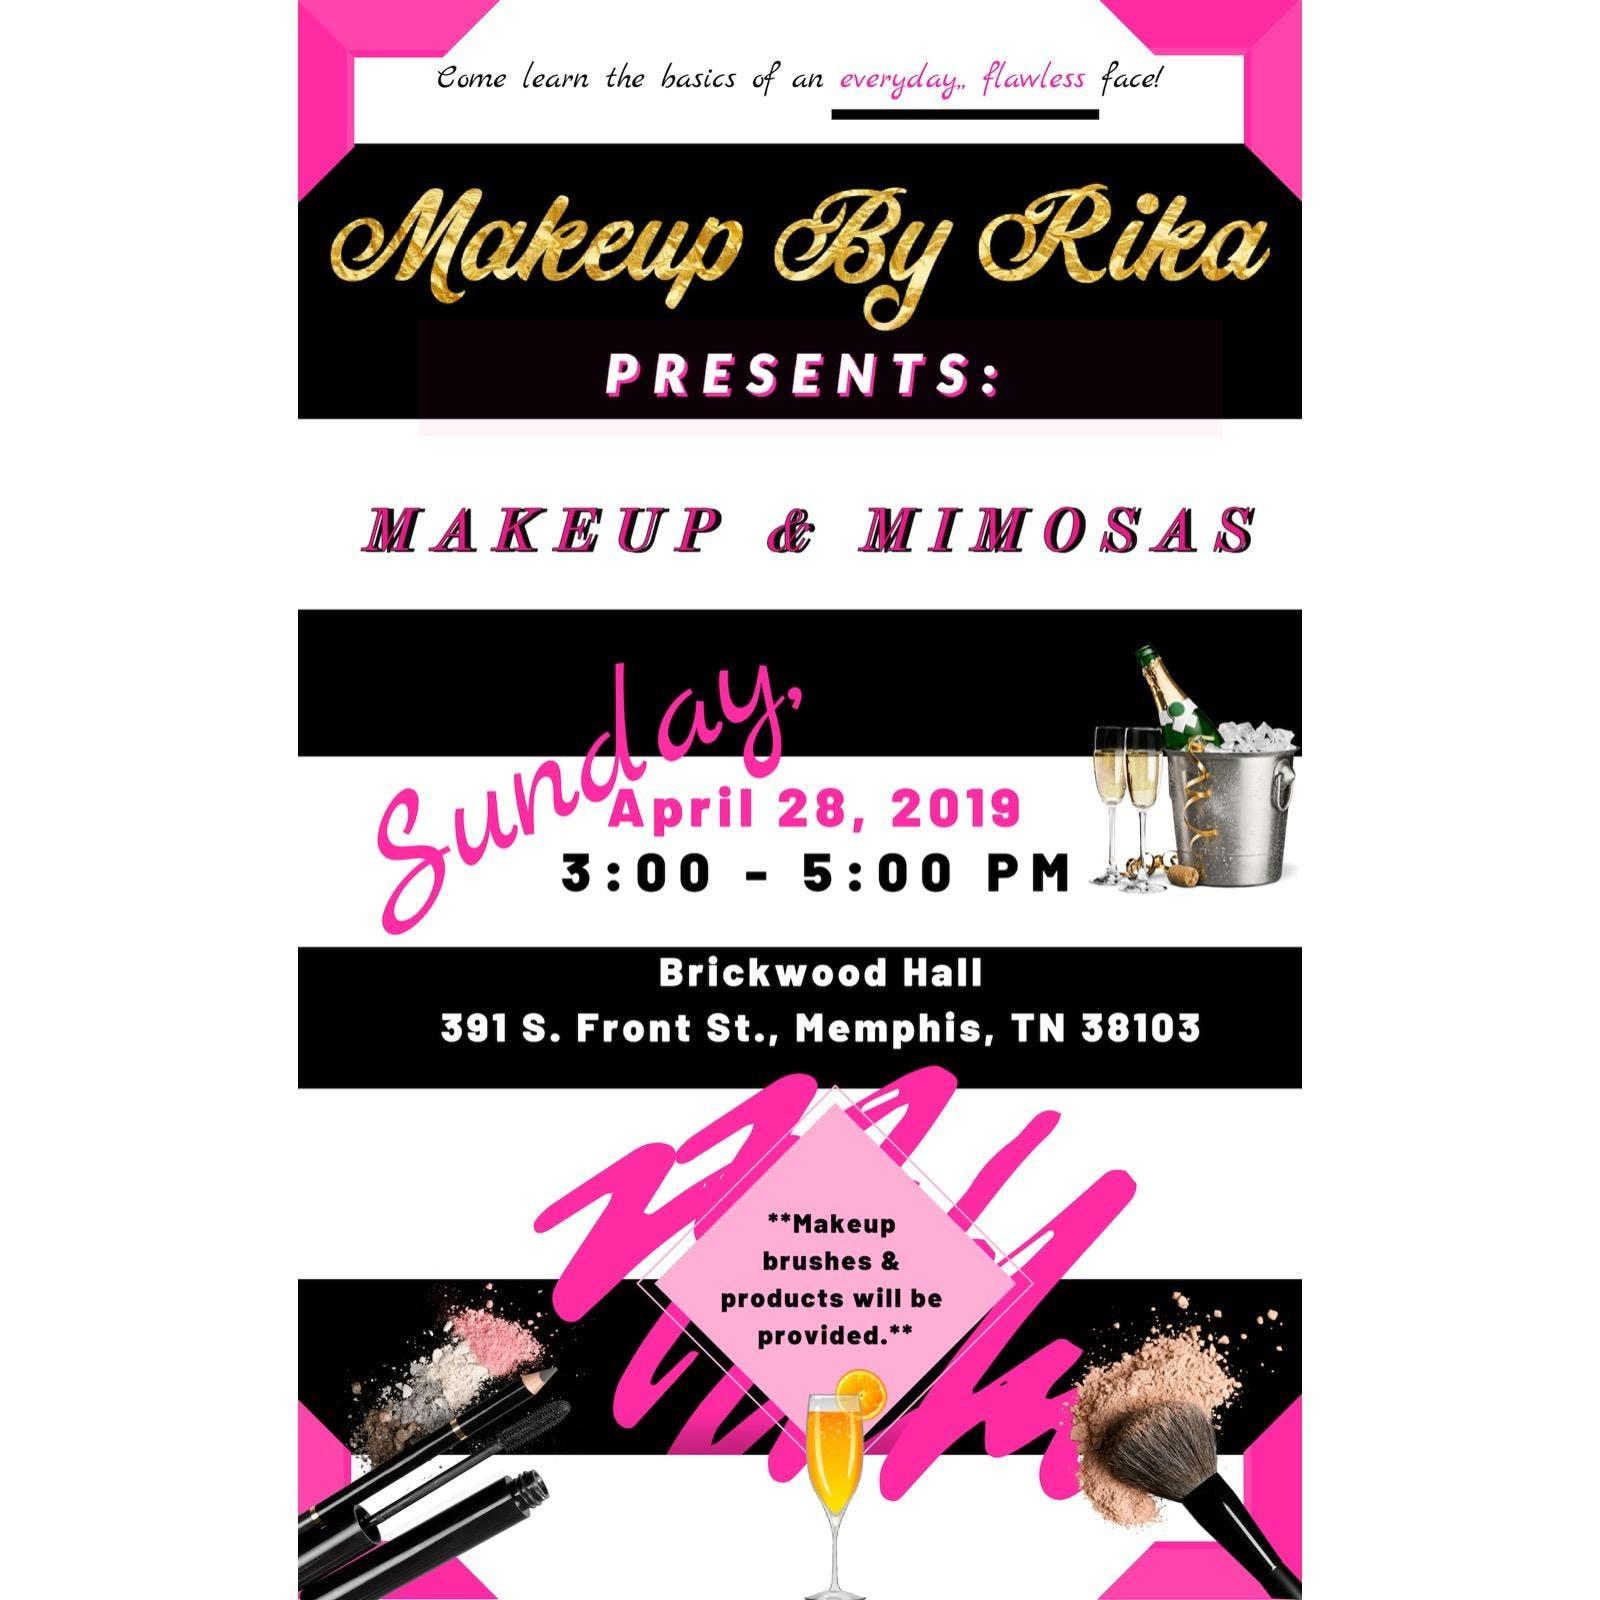 Makeup and Mimosas Class